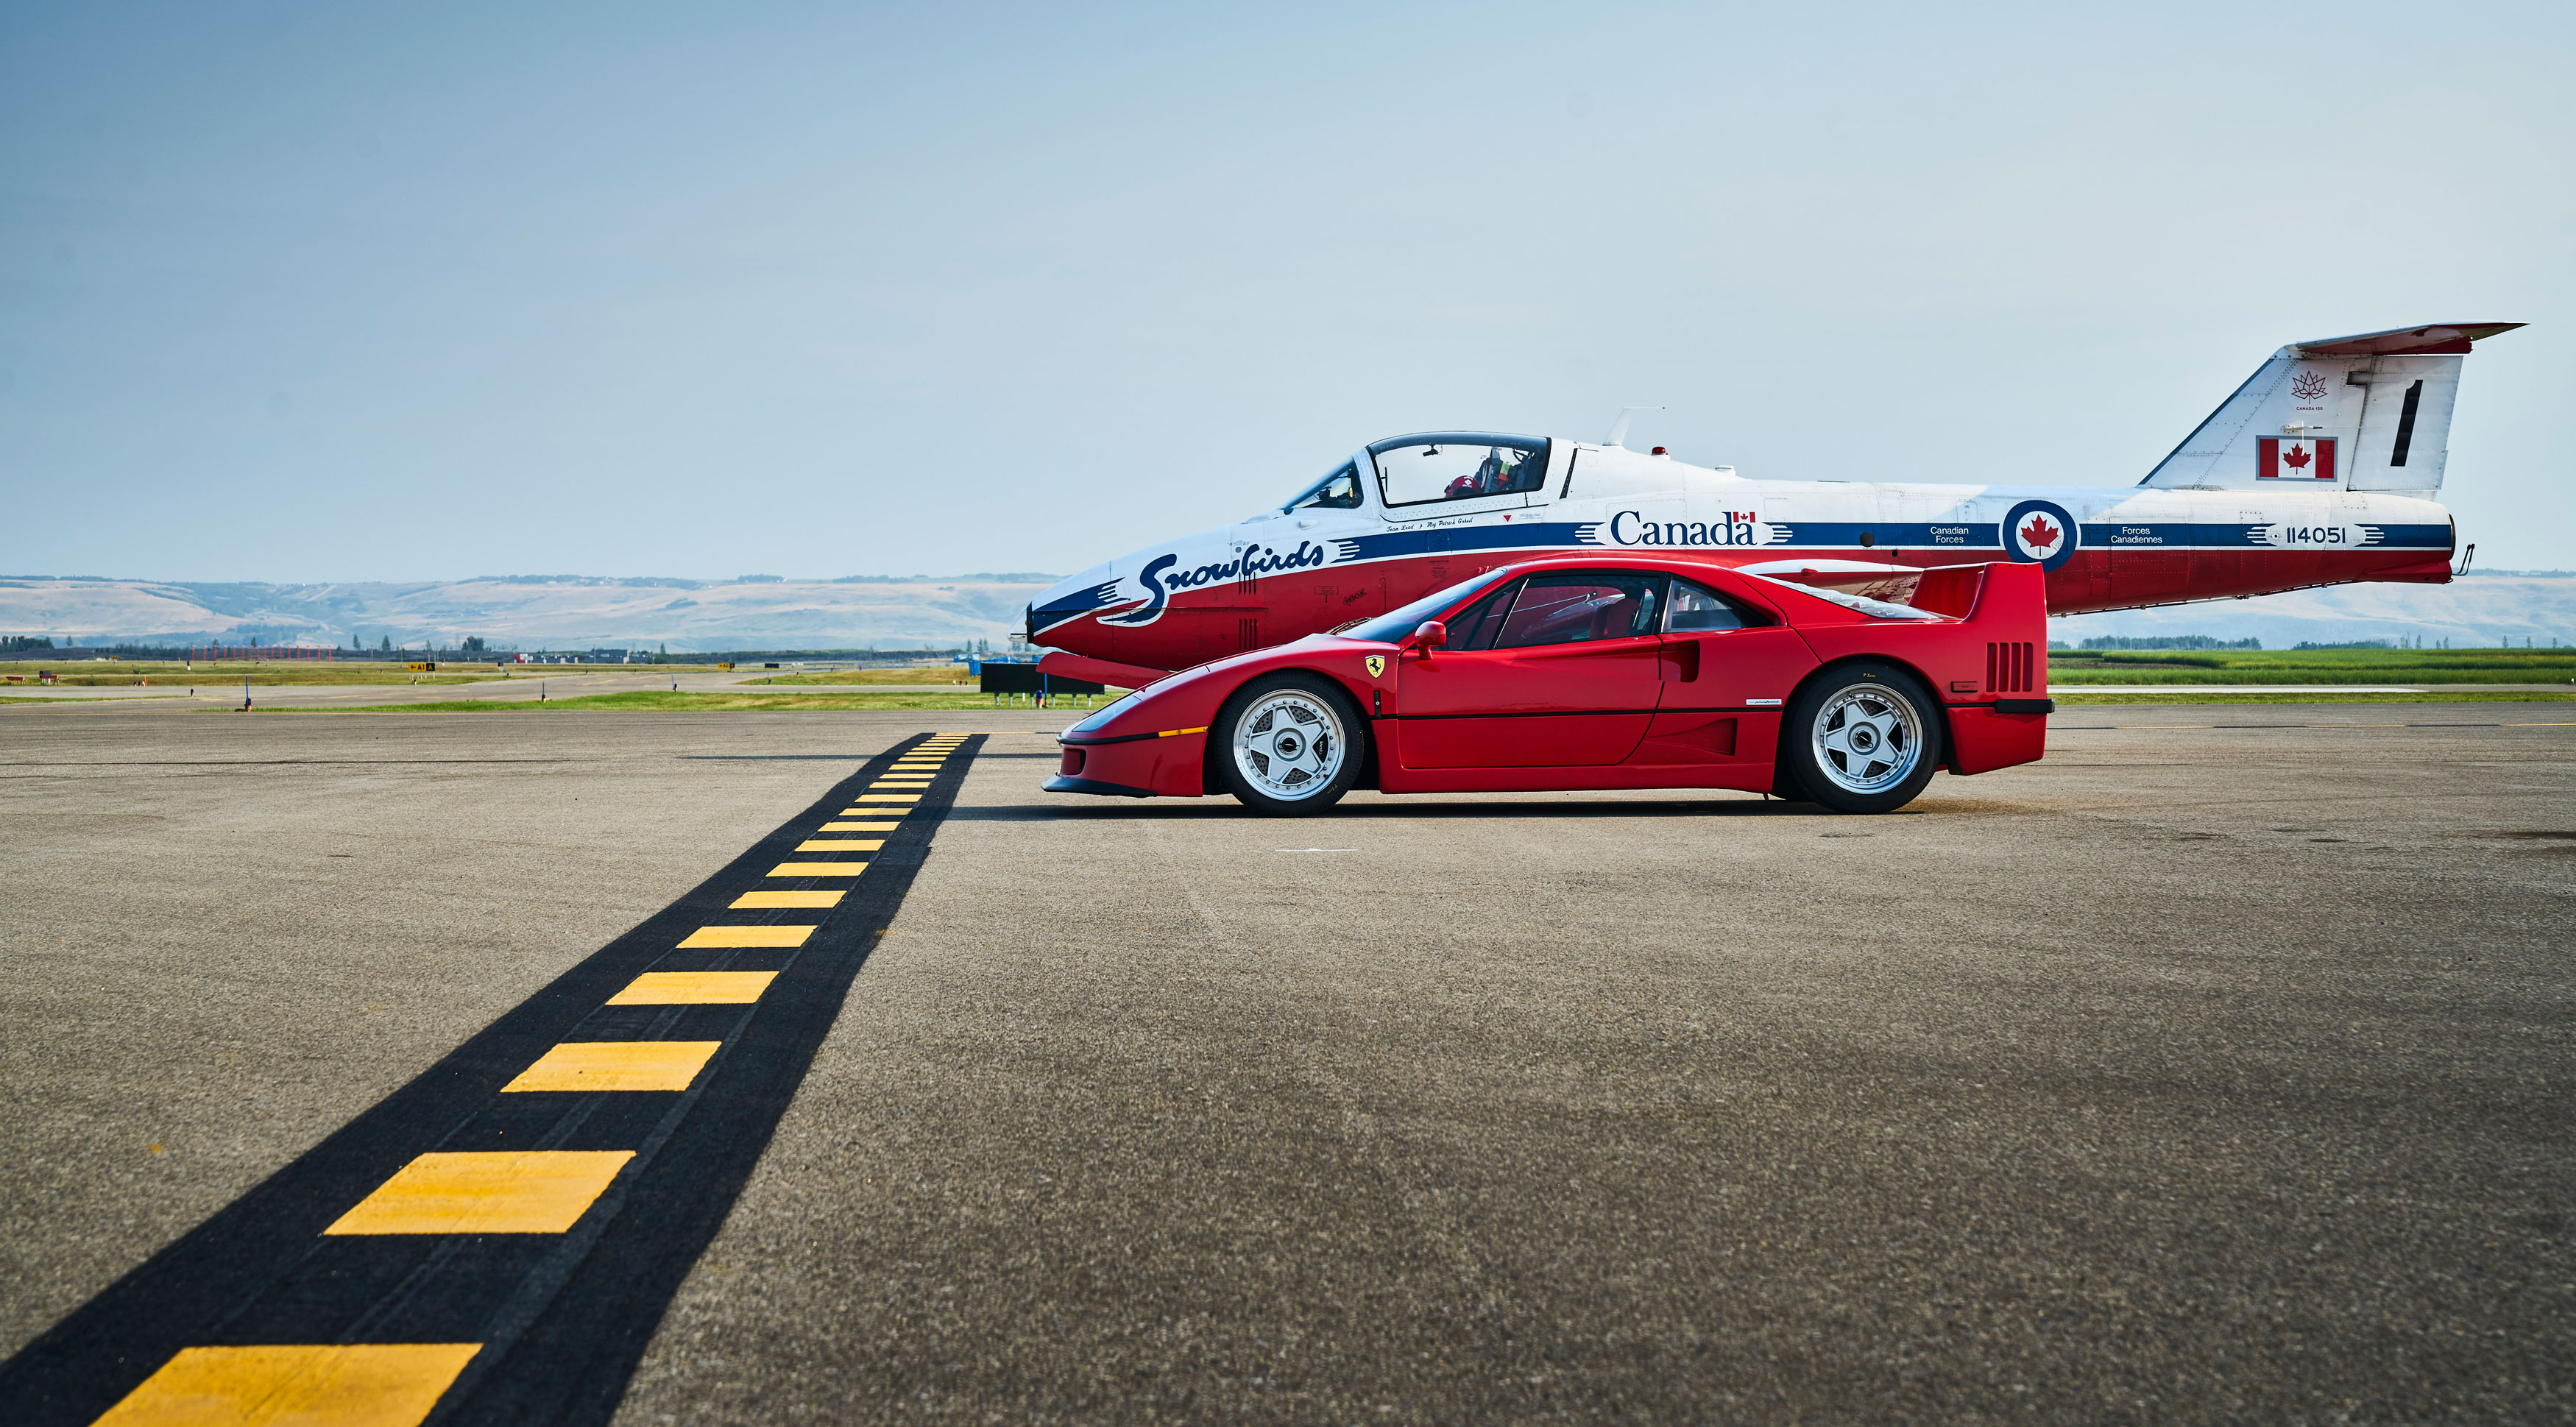 Ferrari F40 at an airstrip.